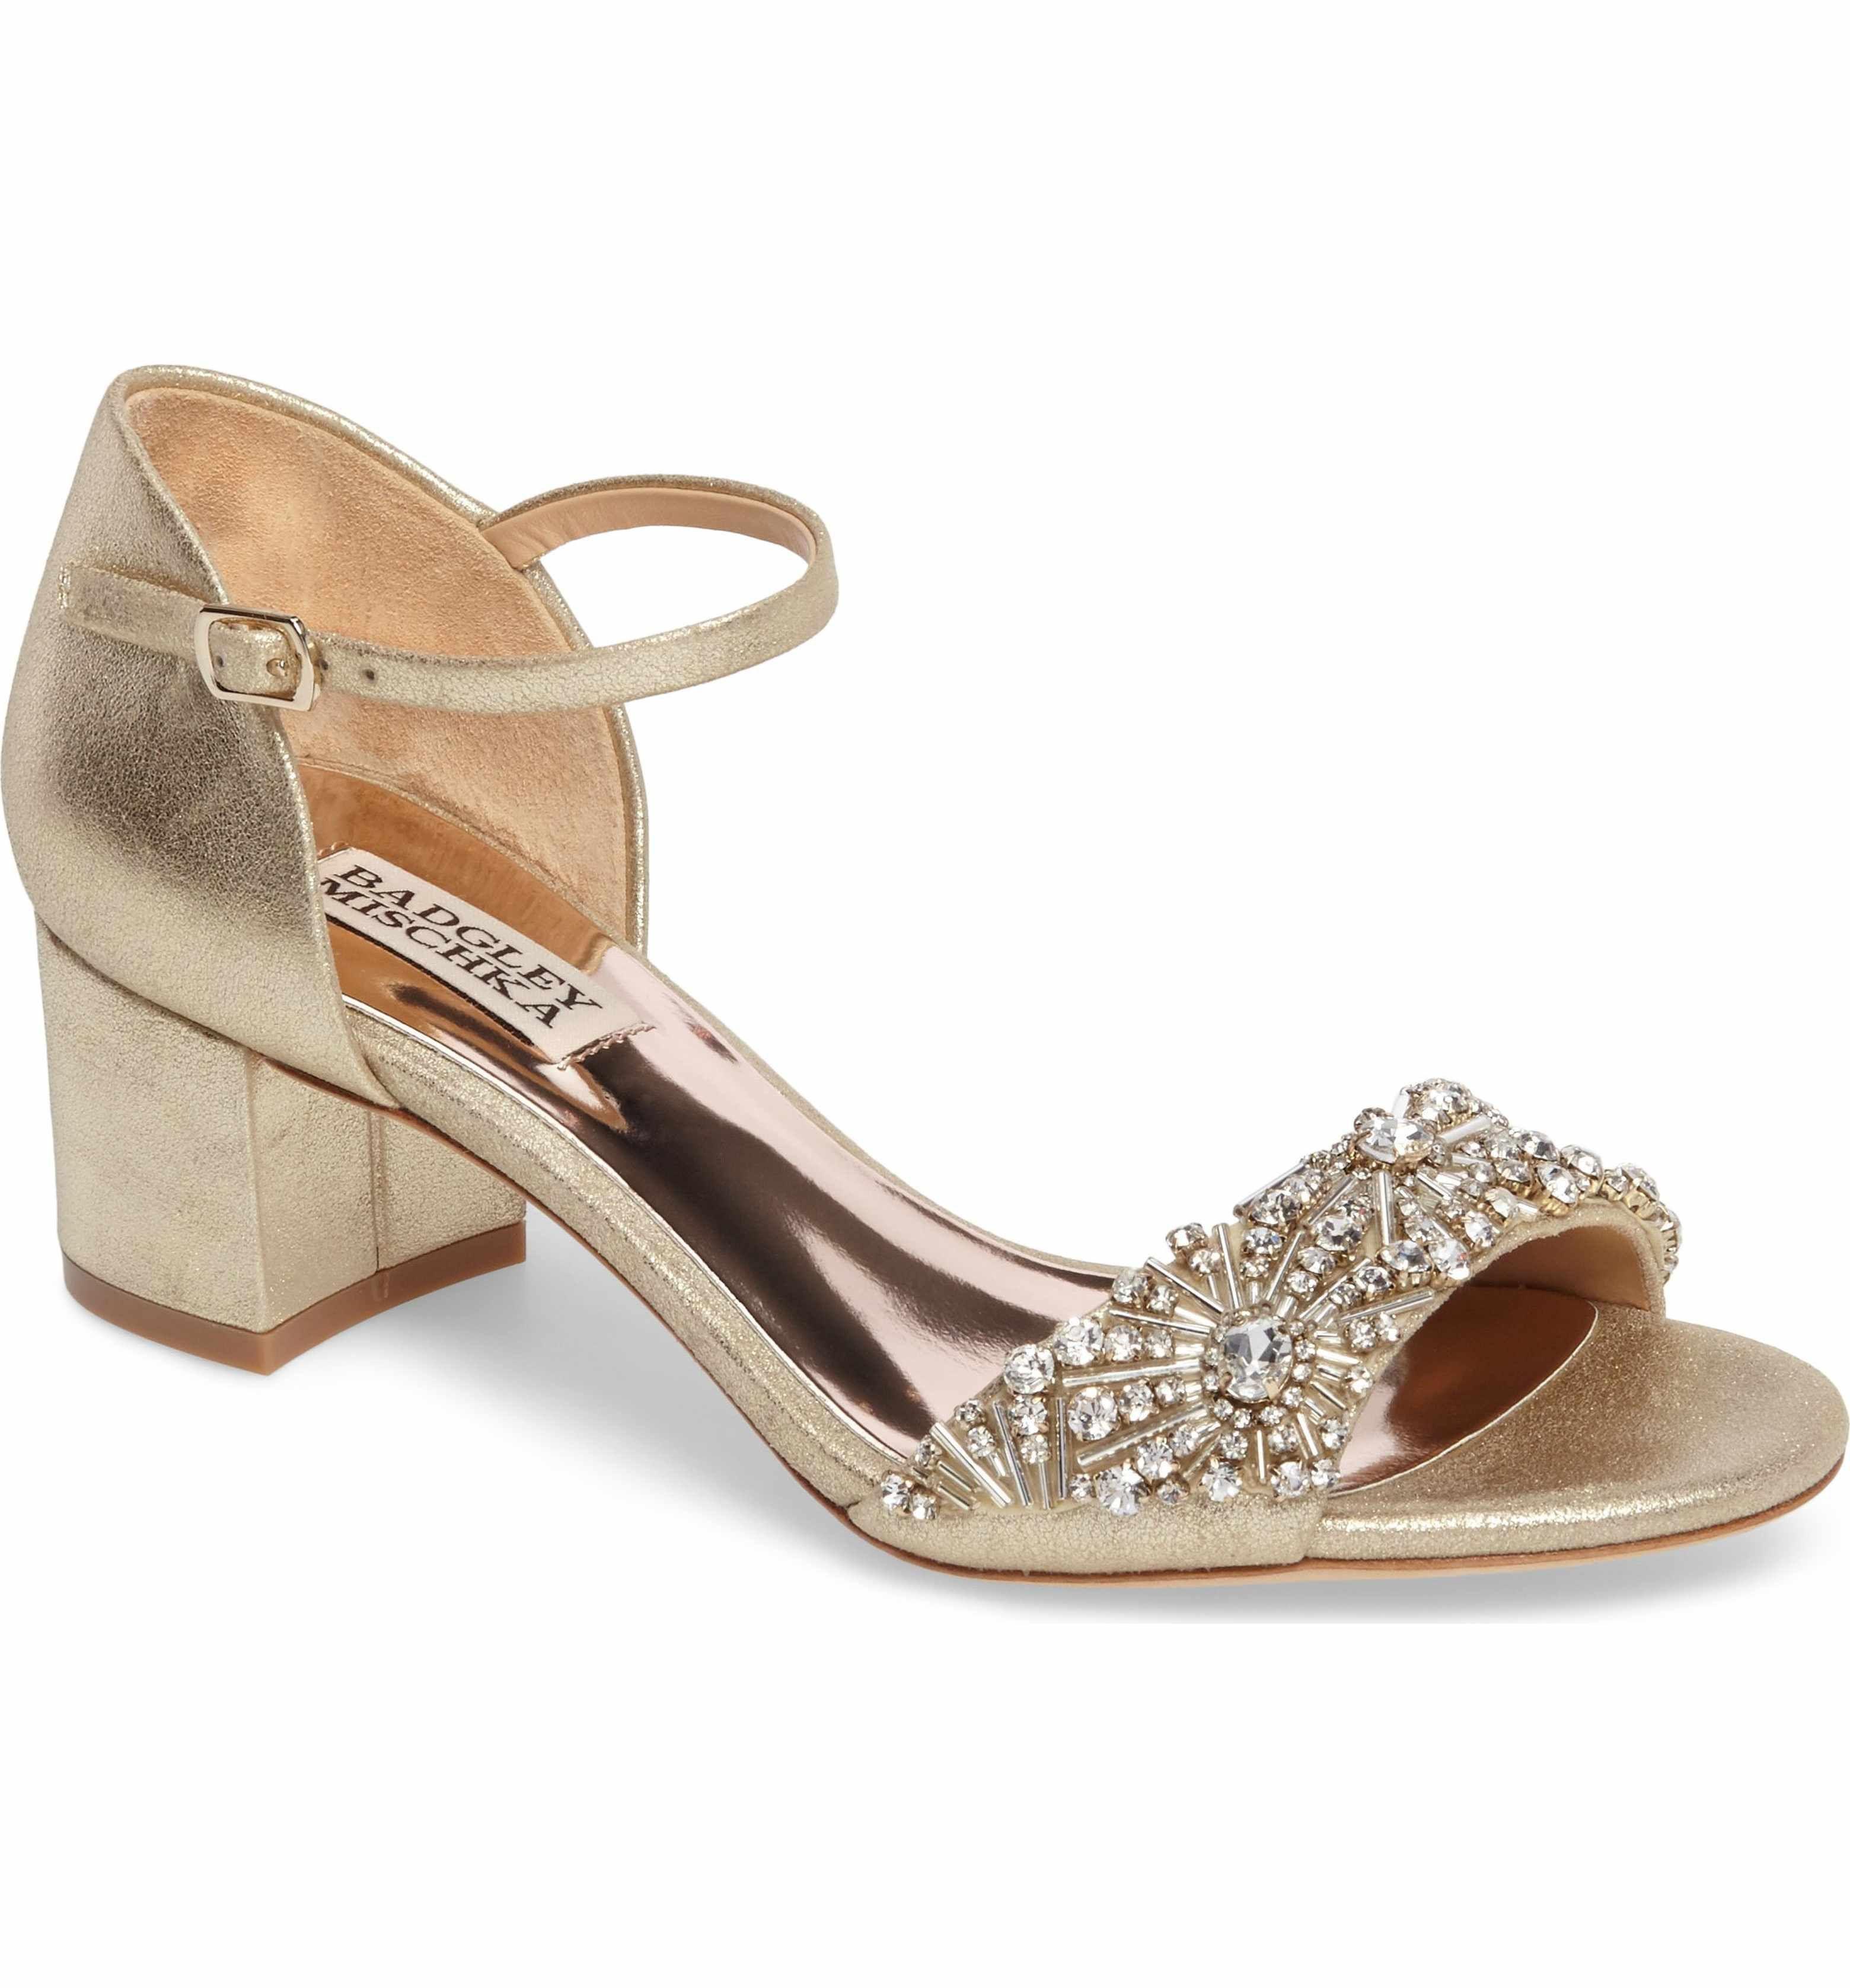 Badgley Mischka Mareva Metallic Suede Jeweled Block Heel Dress Sandals i5xdM